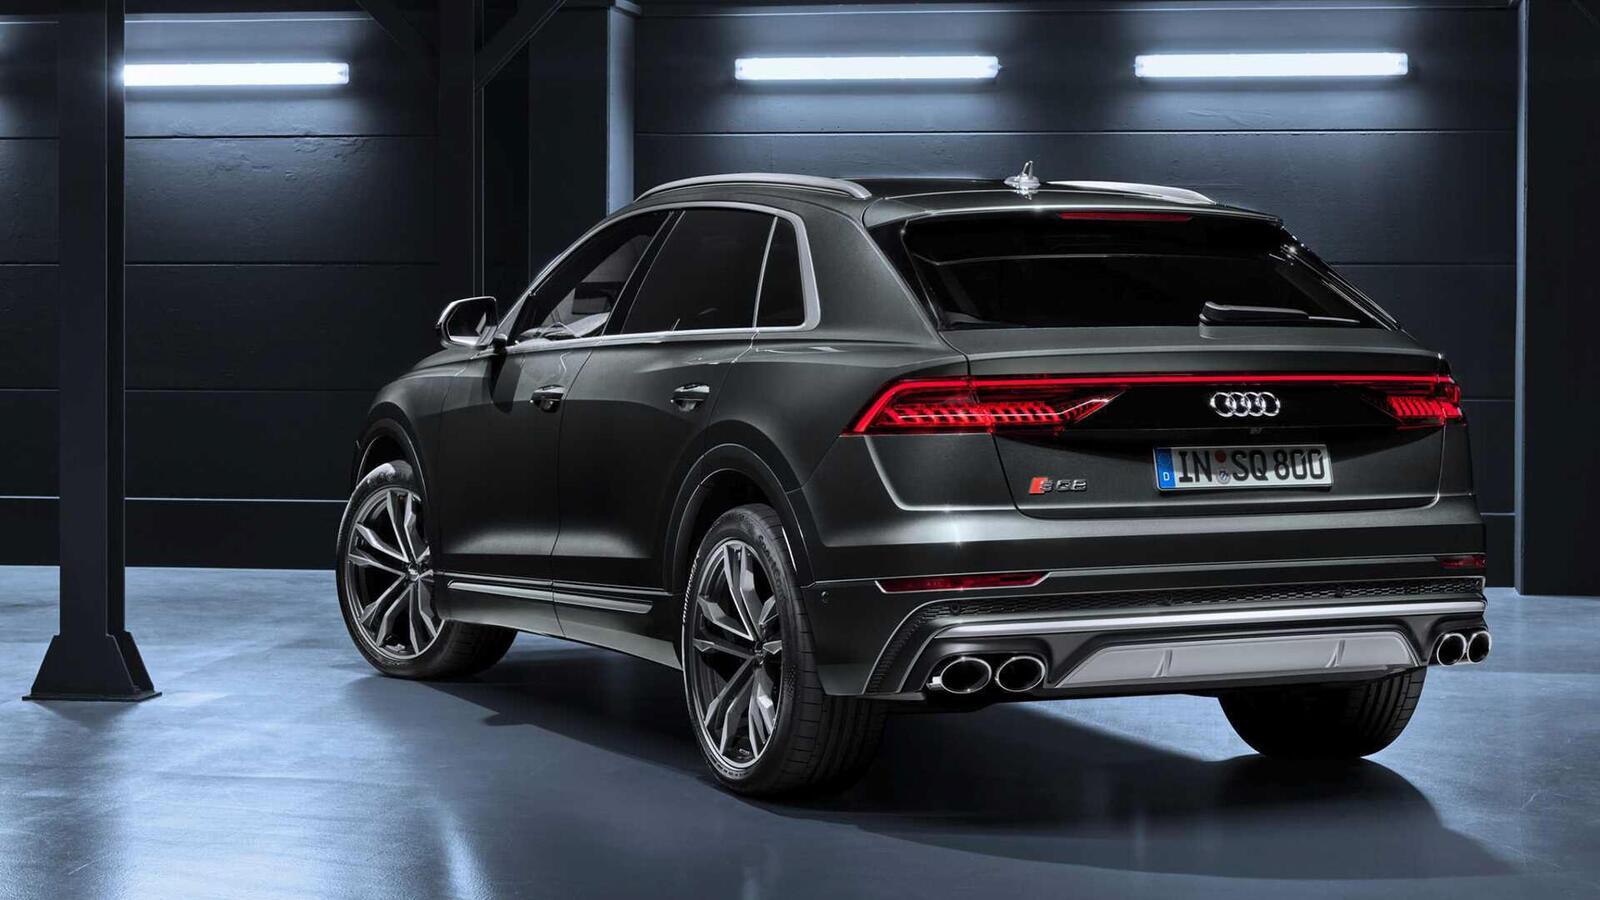 Audi SQ8 ra mắt lắp máy dầu V8 4.0L mild hybrid mạnh 429 mã lực - Hình 6